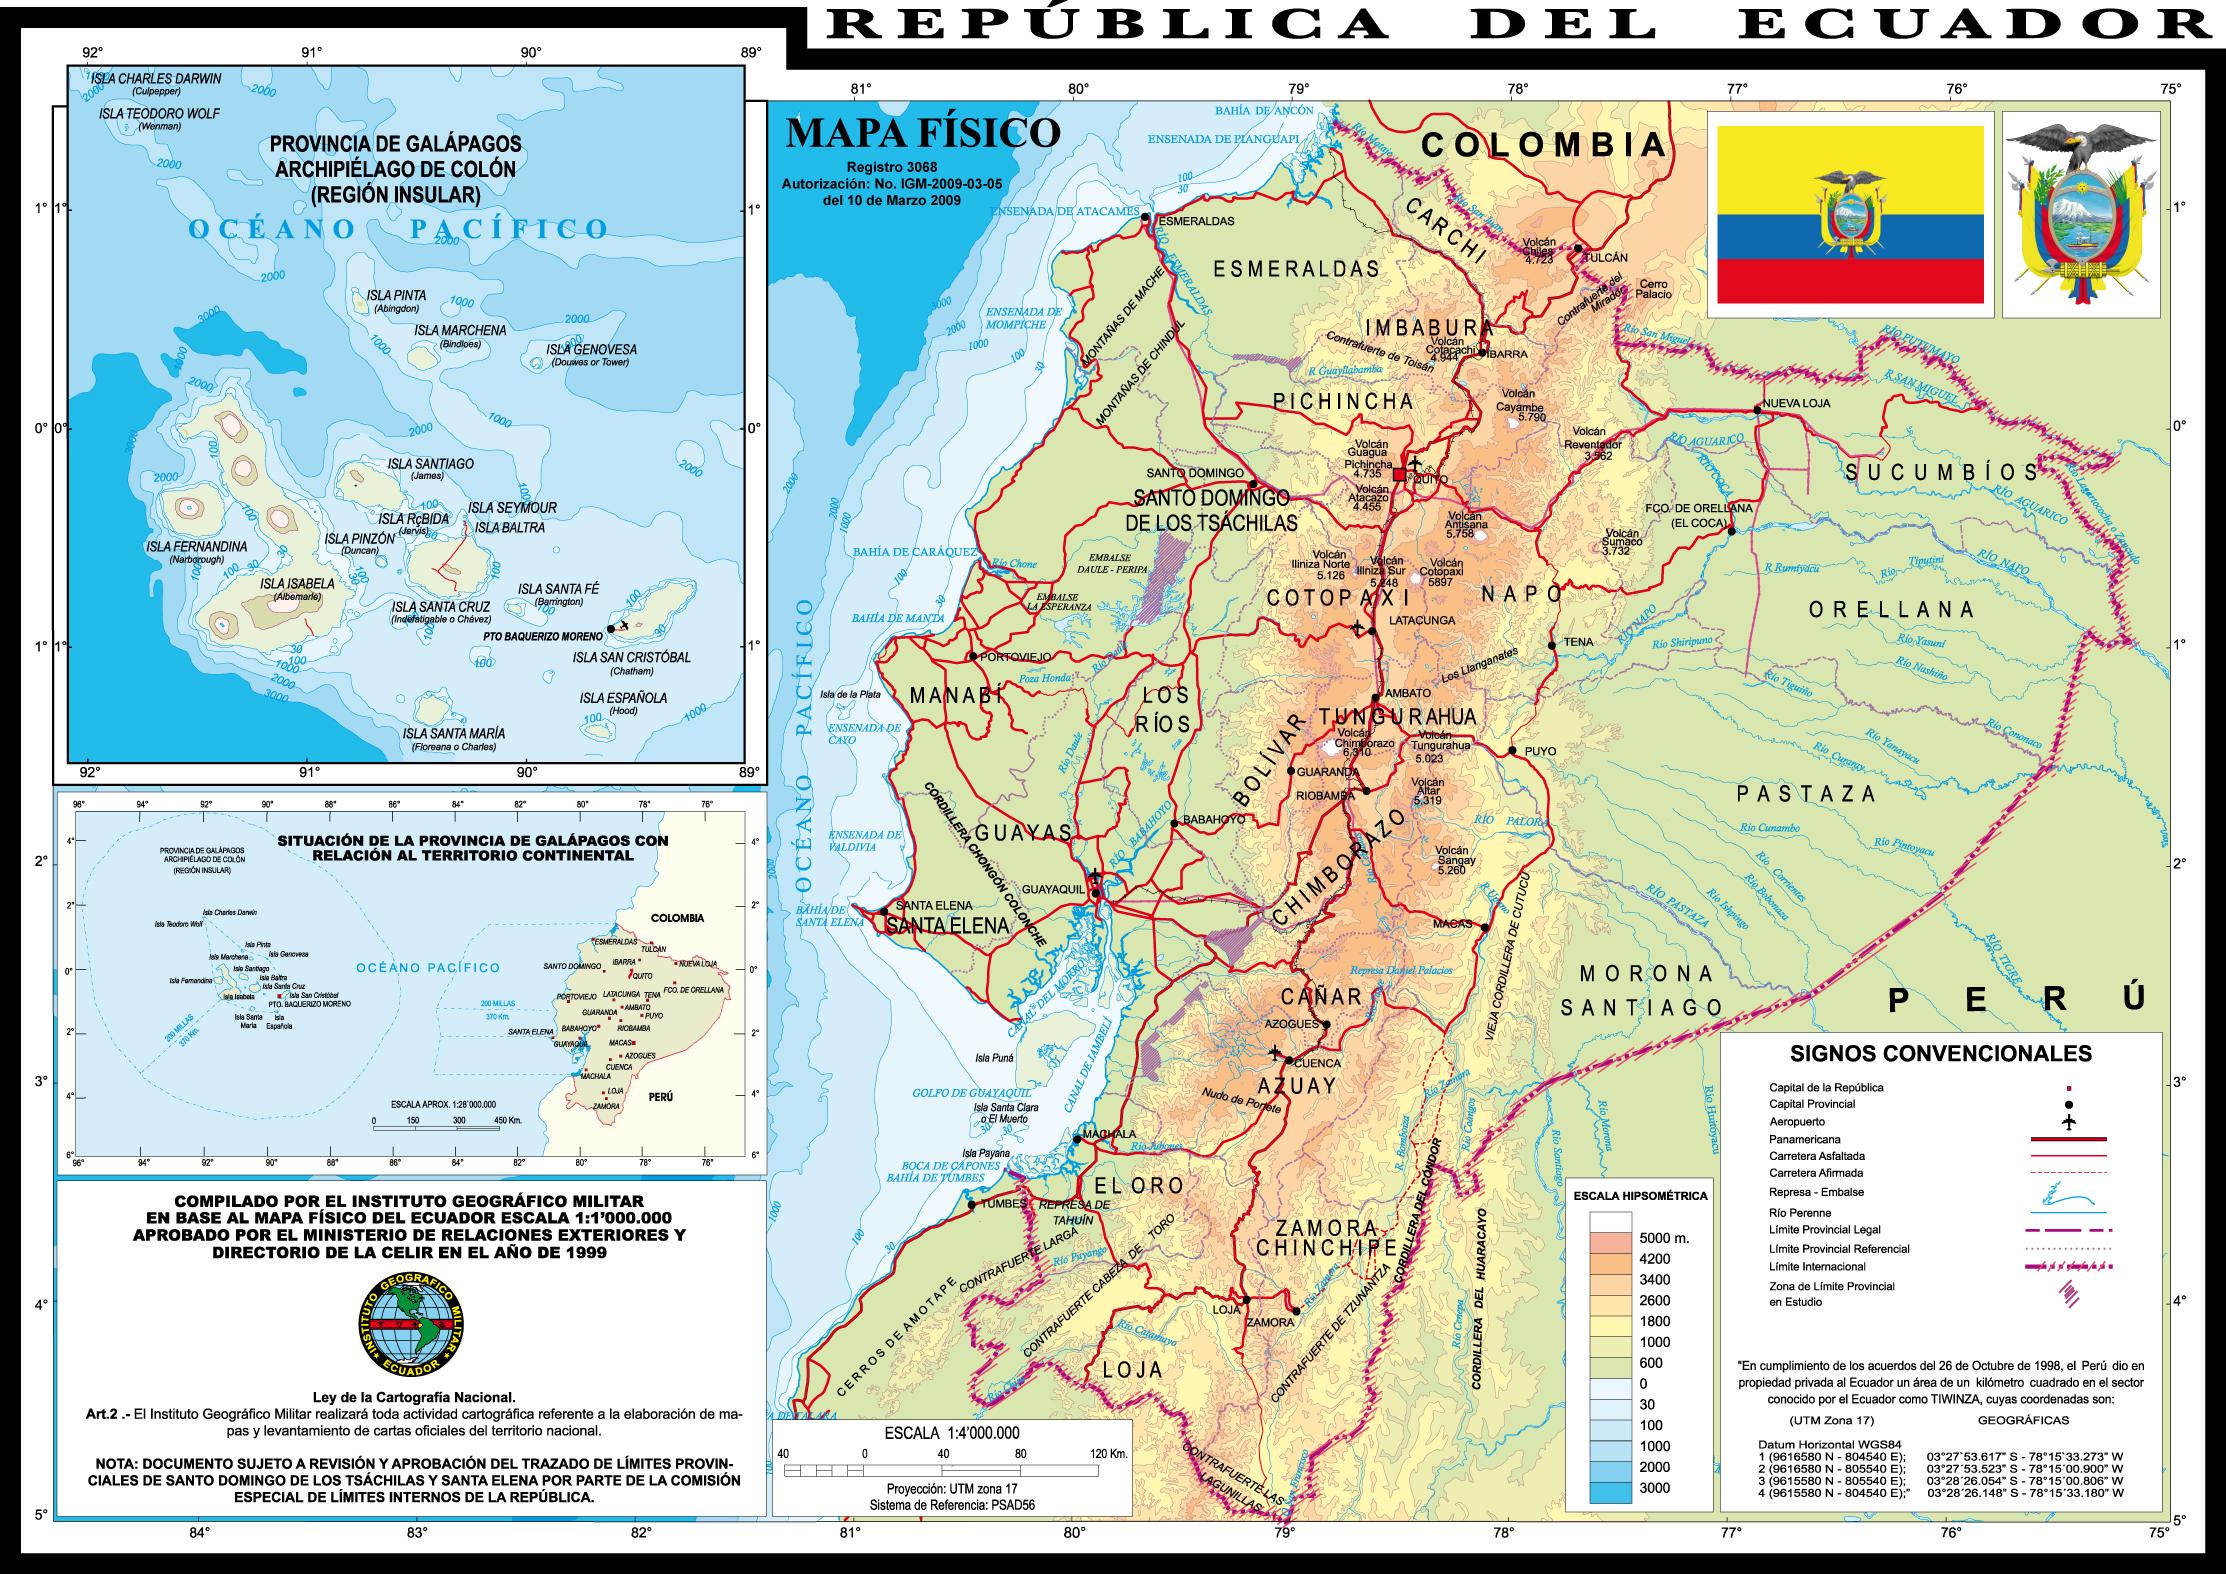 Physical map of Ecuador 1999